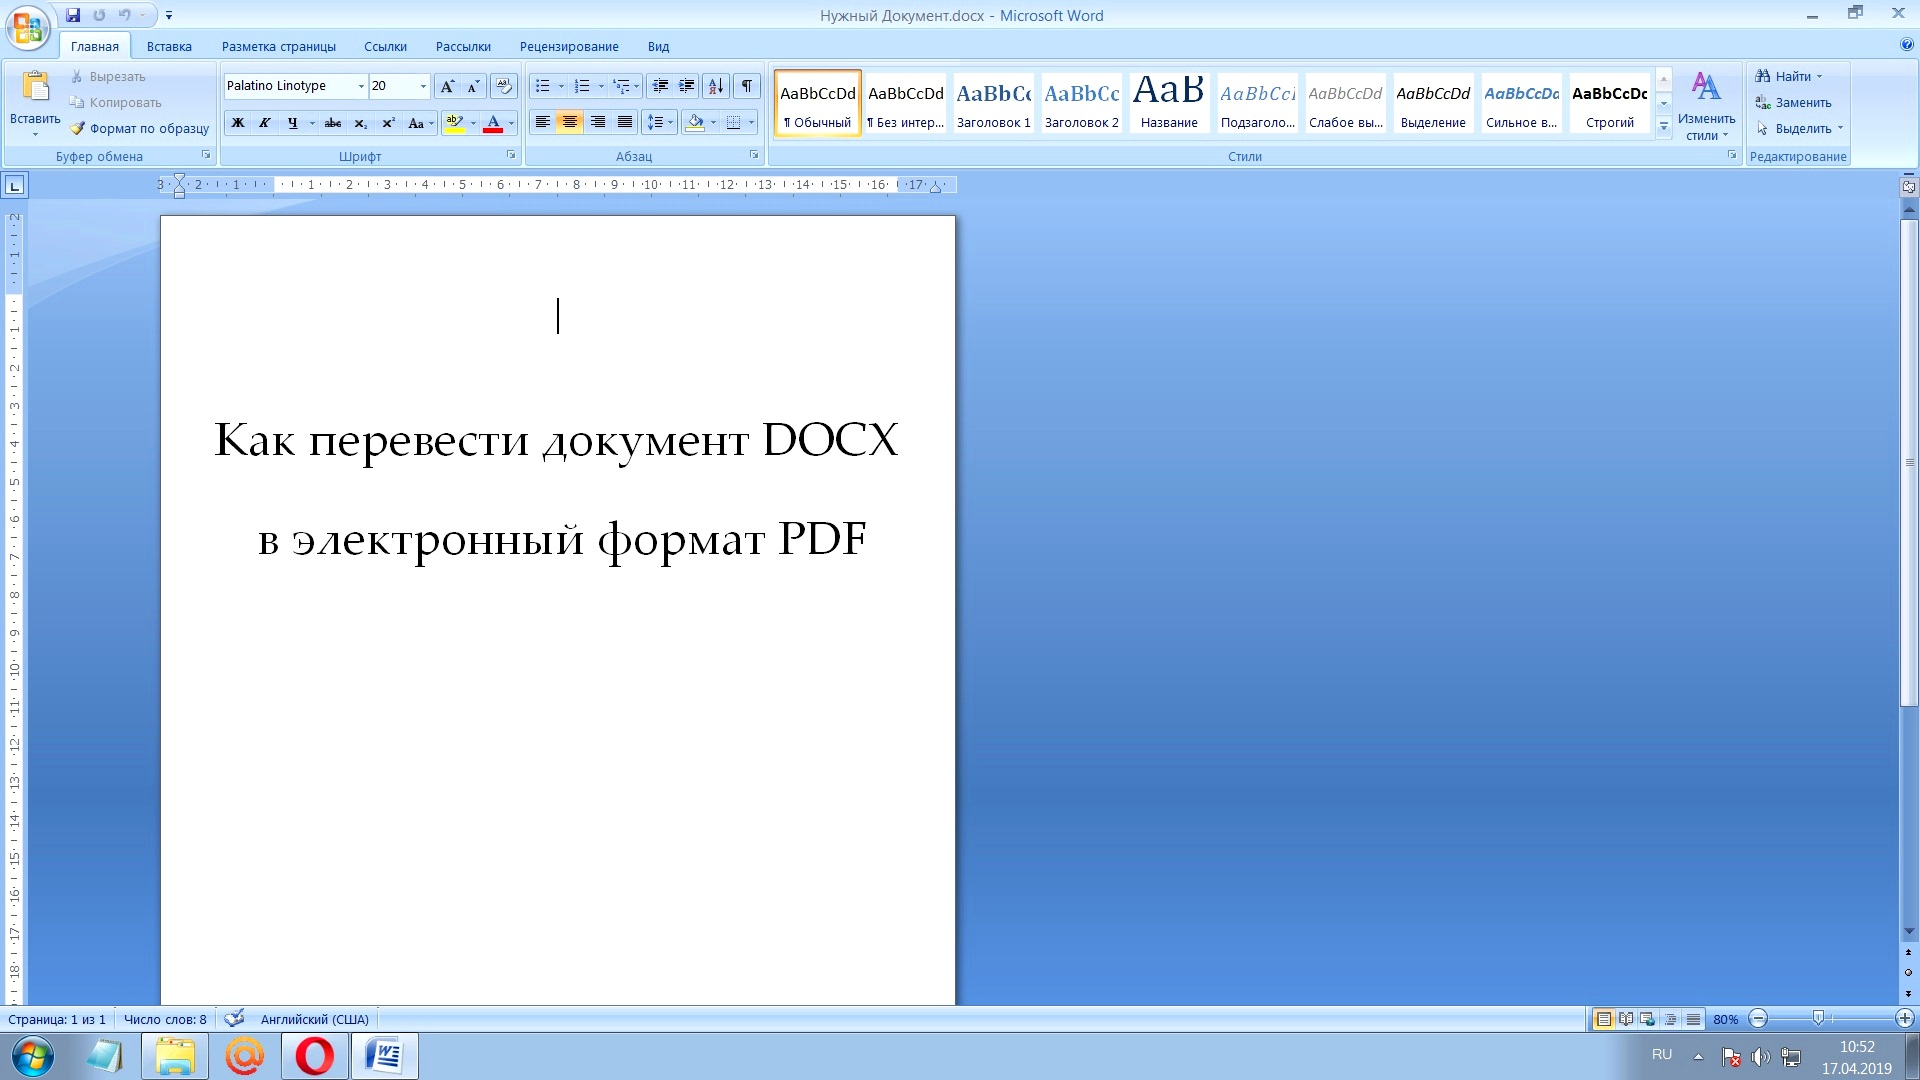 Как перевести DOCX в PDF с помощью Microsoft Word 2007